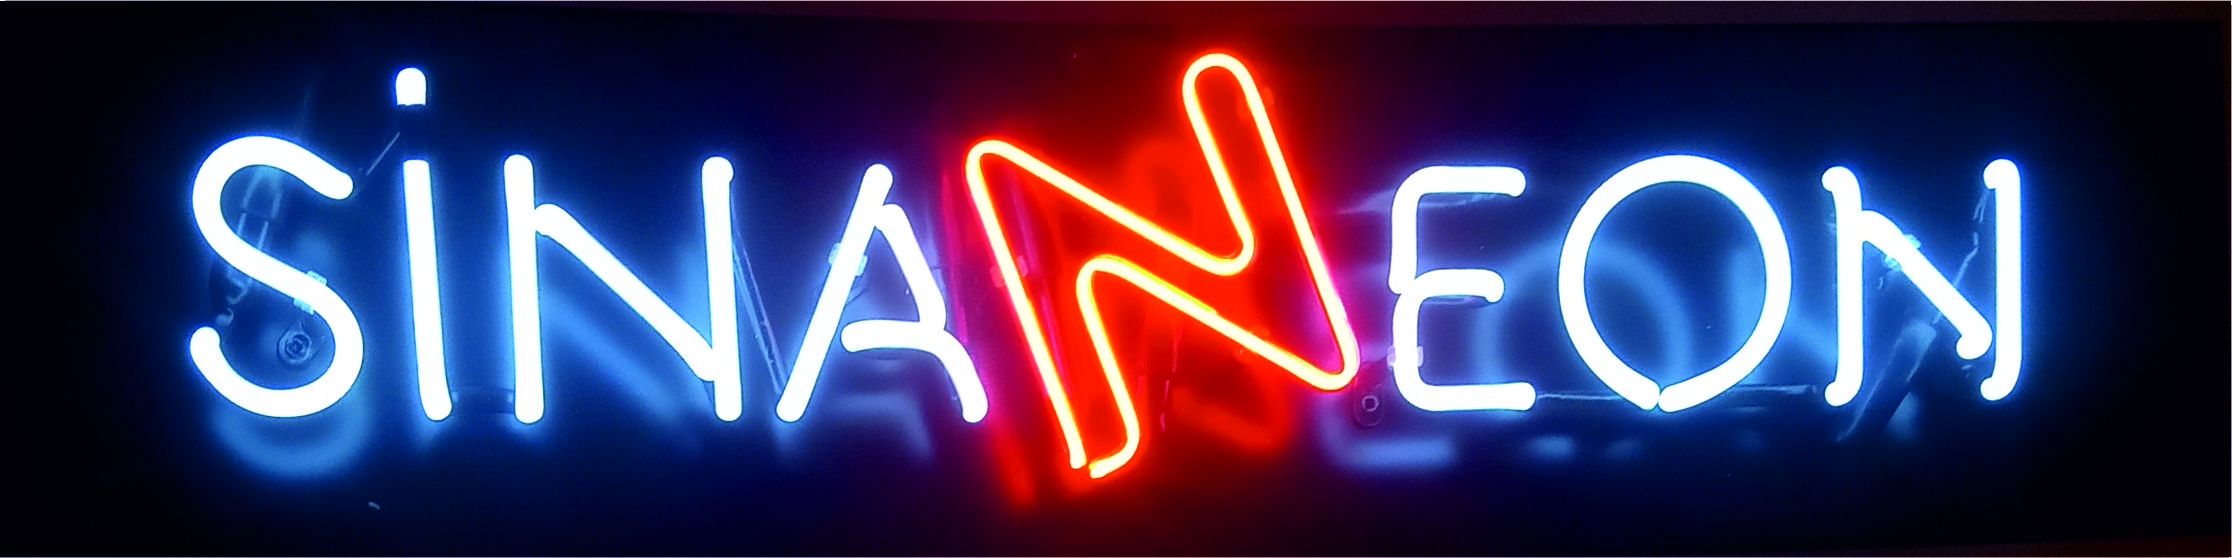 tiktok neon yazı, tiktok neon tabela, tiktok logosu neon tabela